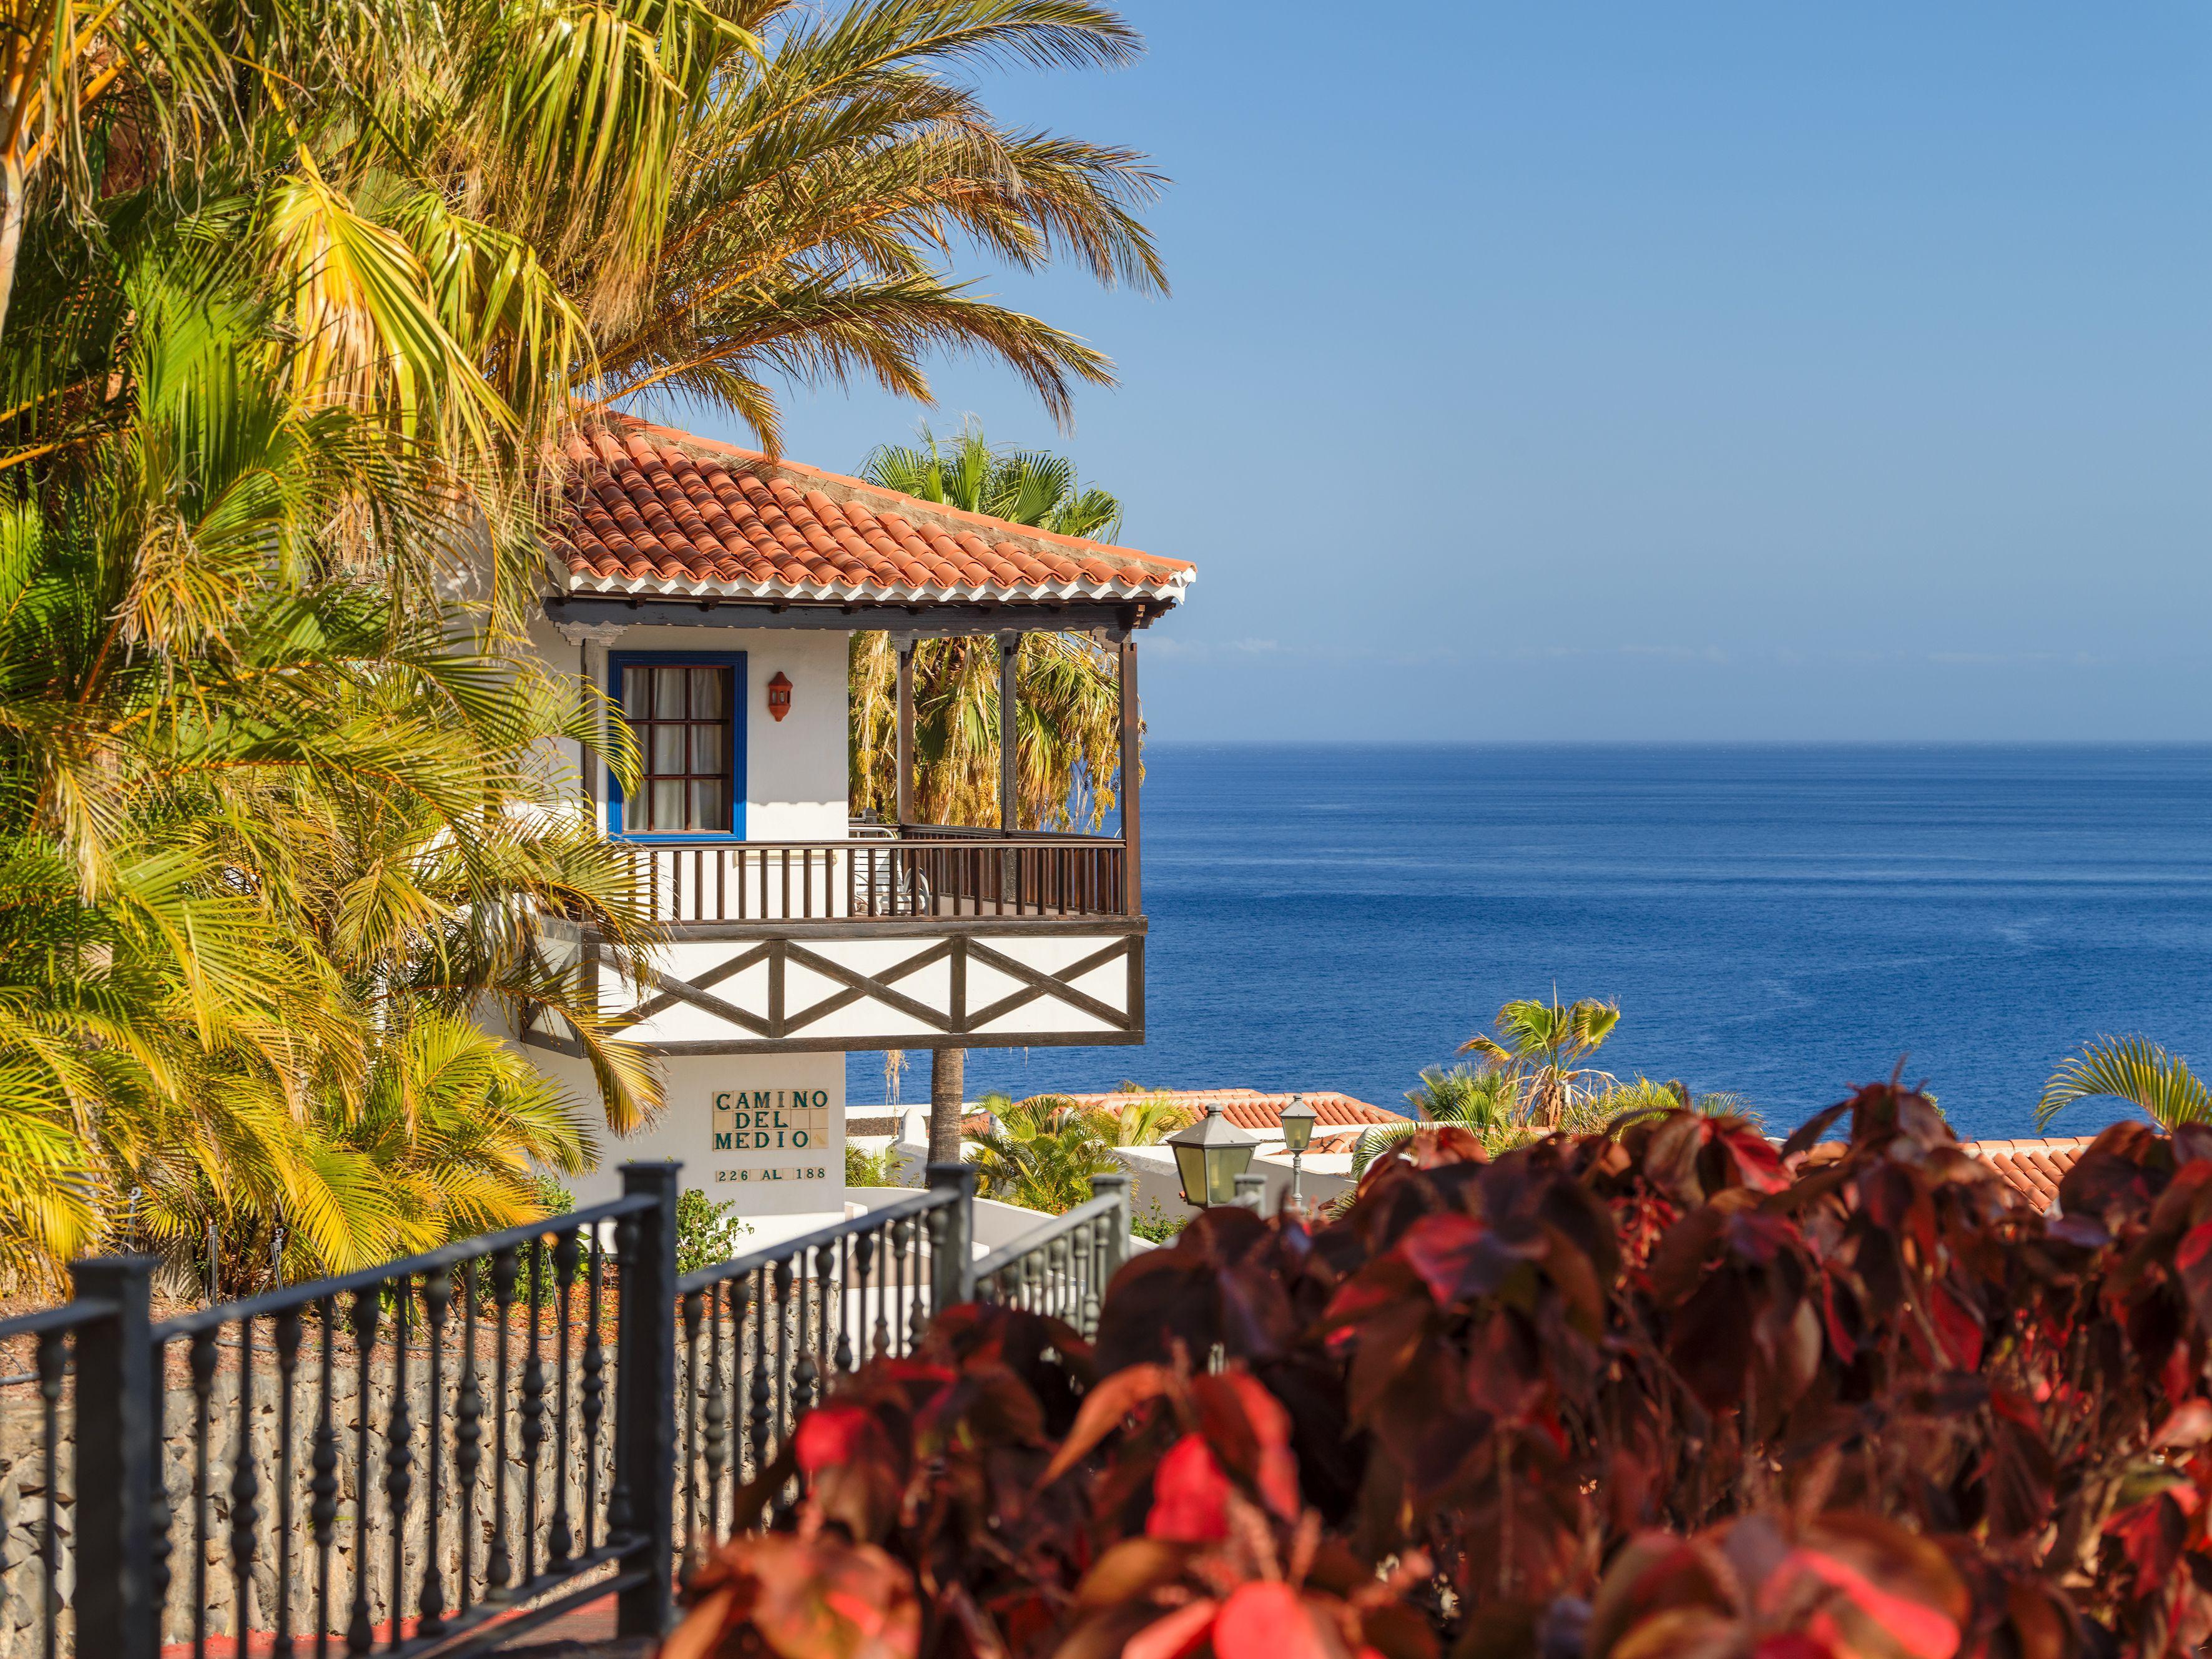 Courtesy of Hotel Jardín Tecina / Expedia.com